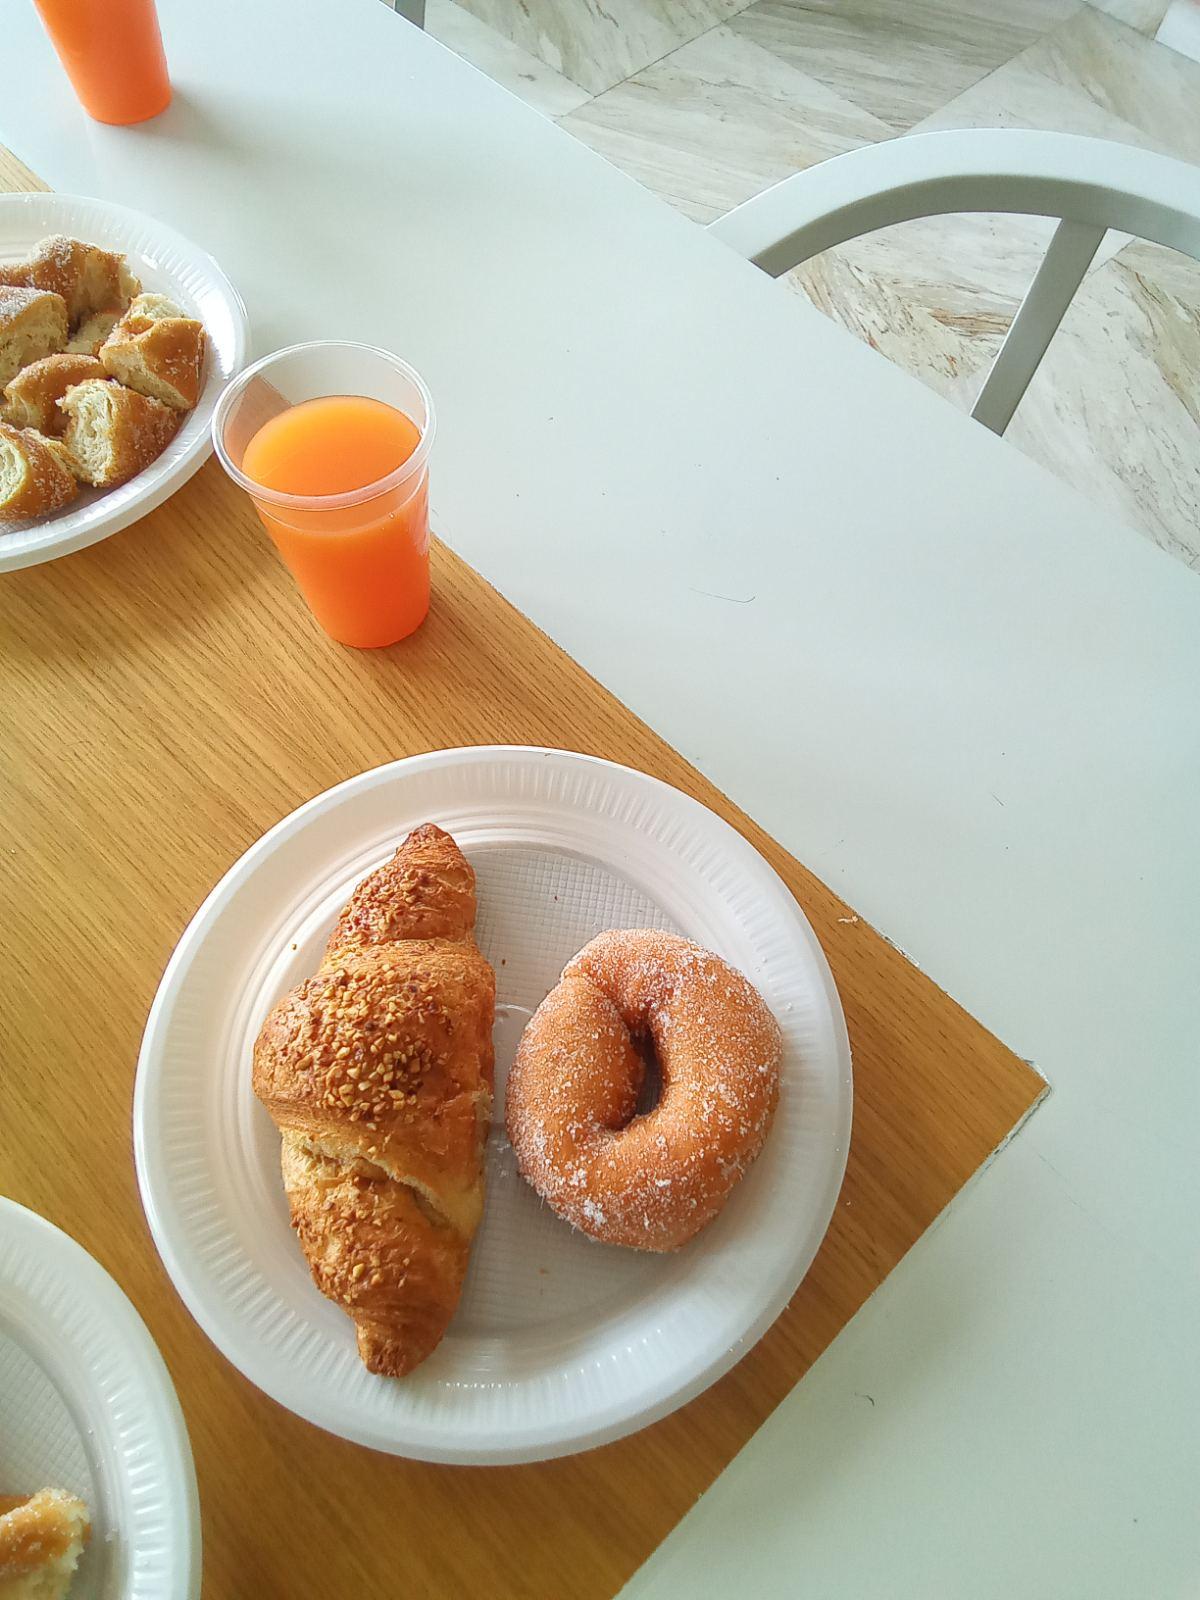 Σήμερα τρώμε ένα γλυκό πρωινό